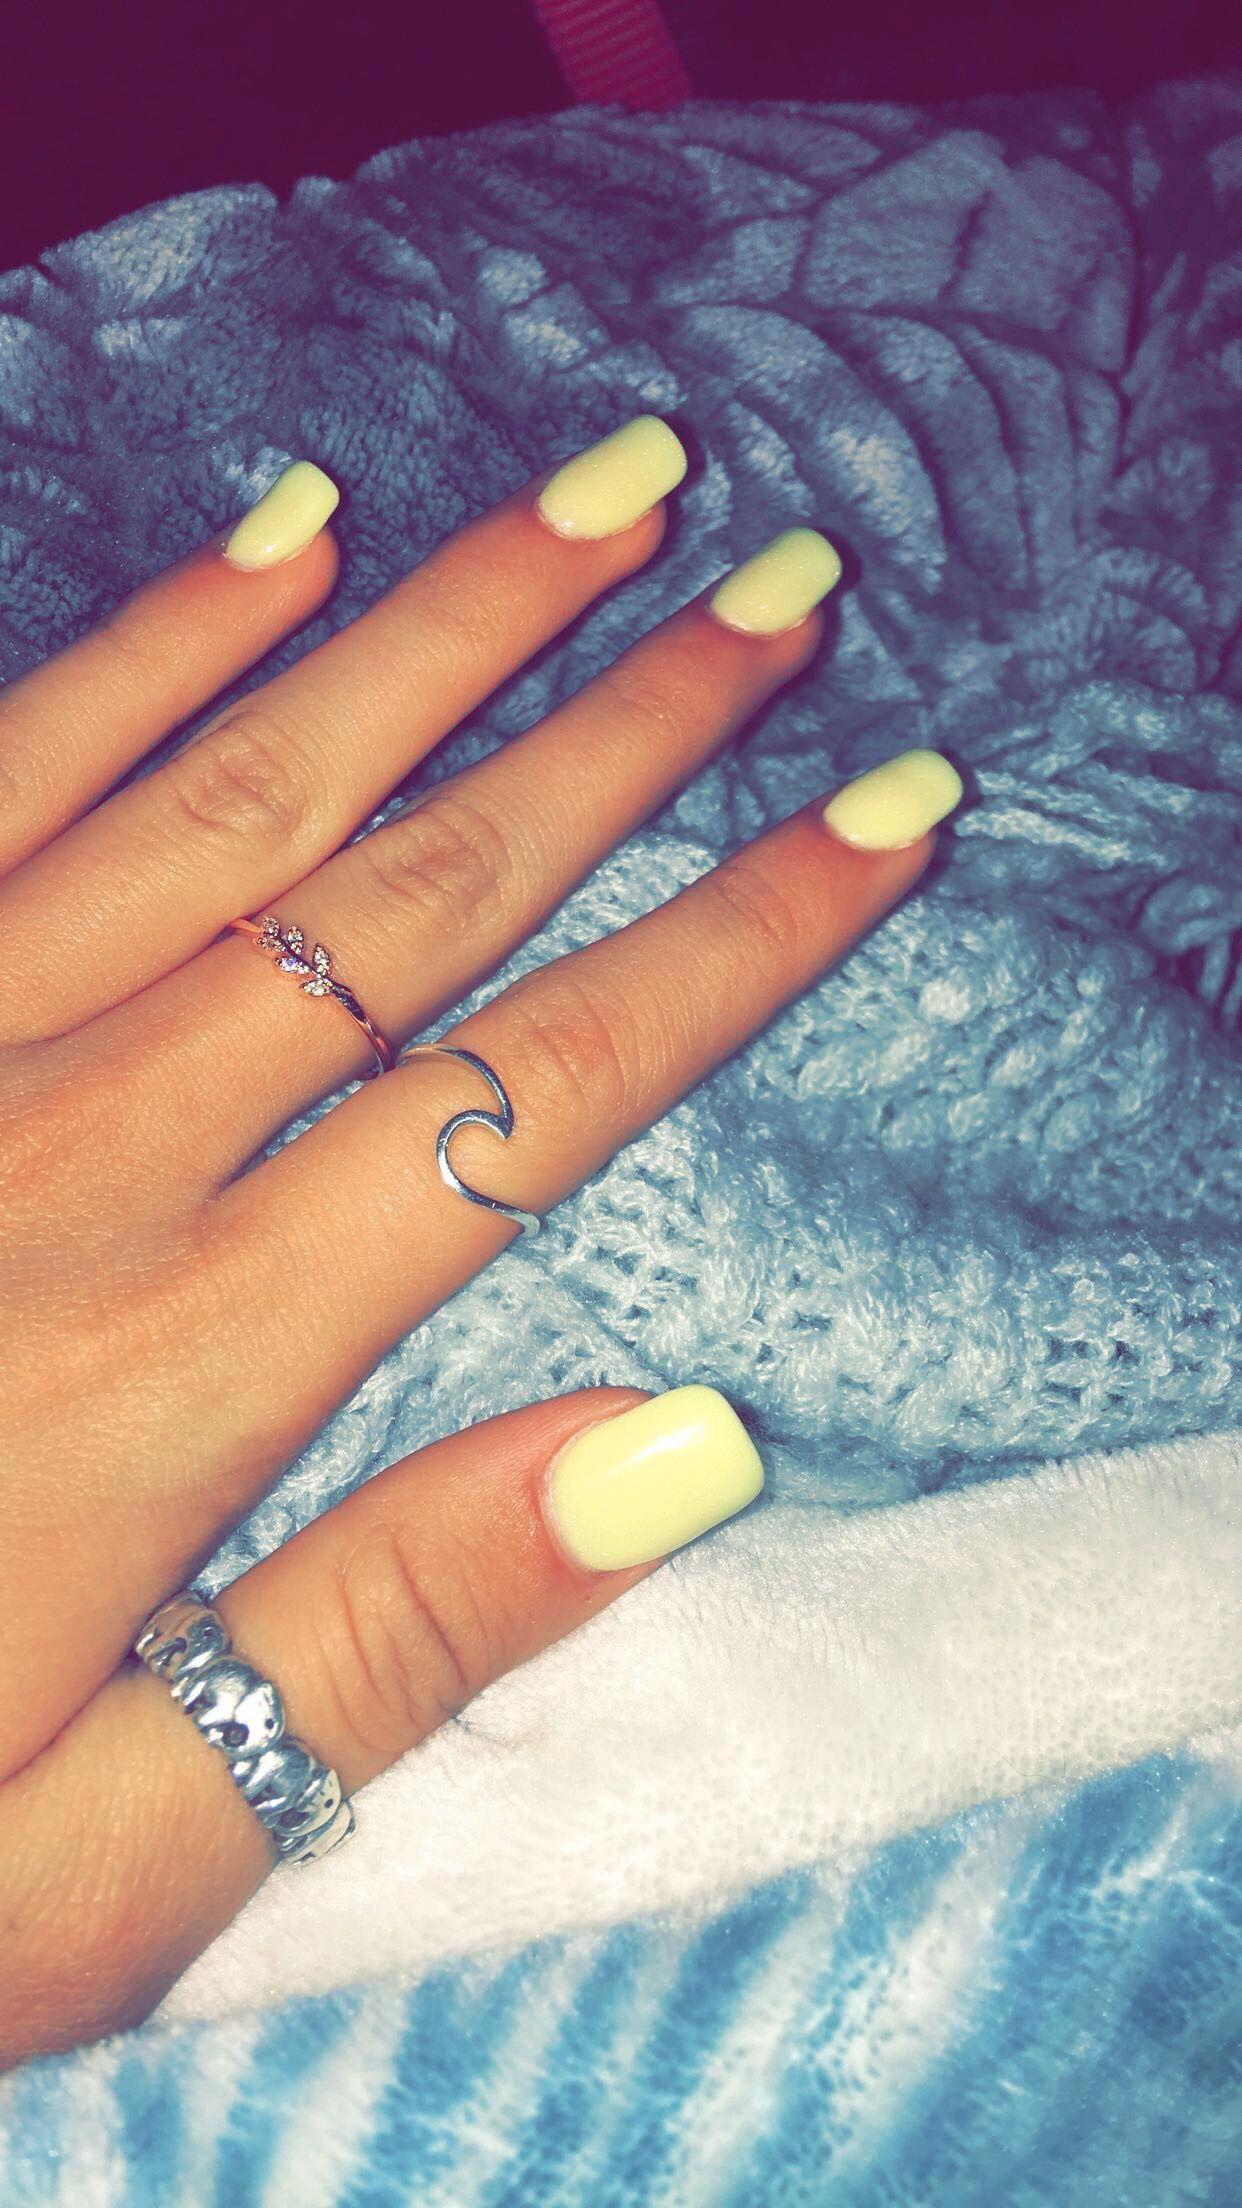 Yellow Nails Beautifulacrylicnails Short Acrylic Nails Yellow Nails Pretty Acrylic Nails